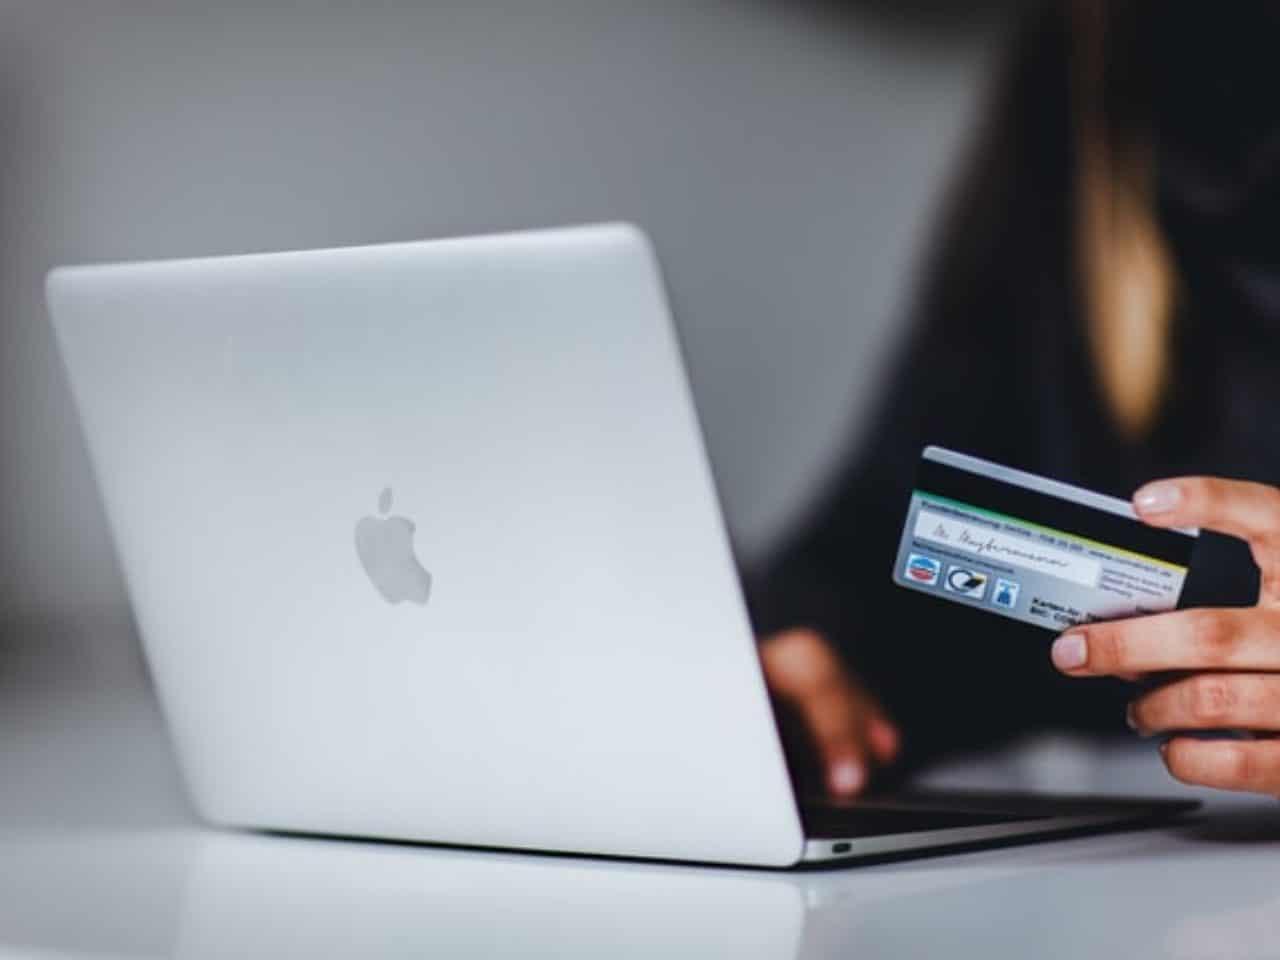 imagem de uma pessoa usando o notebook com um cartão de crédito na mão para simbolizar os melhores gateways de pagamento